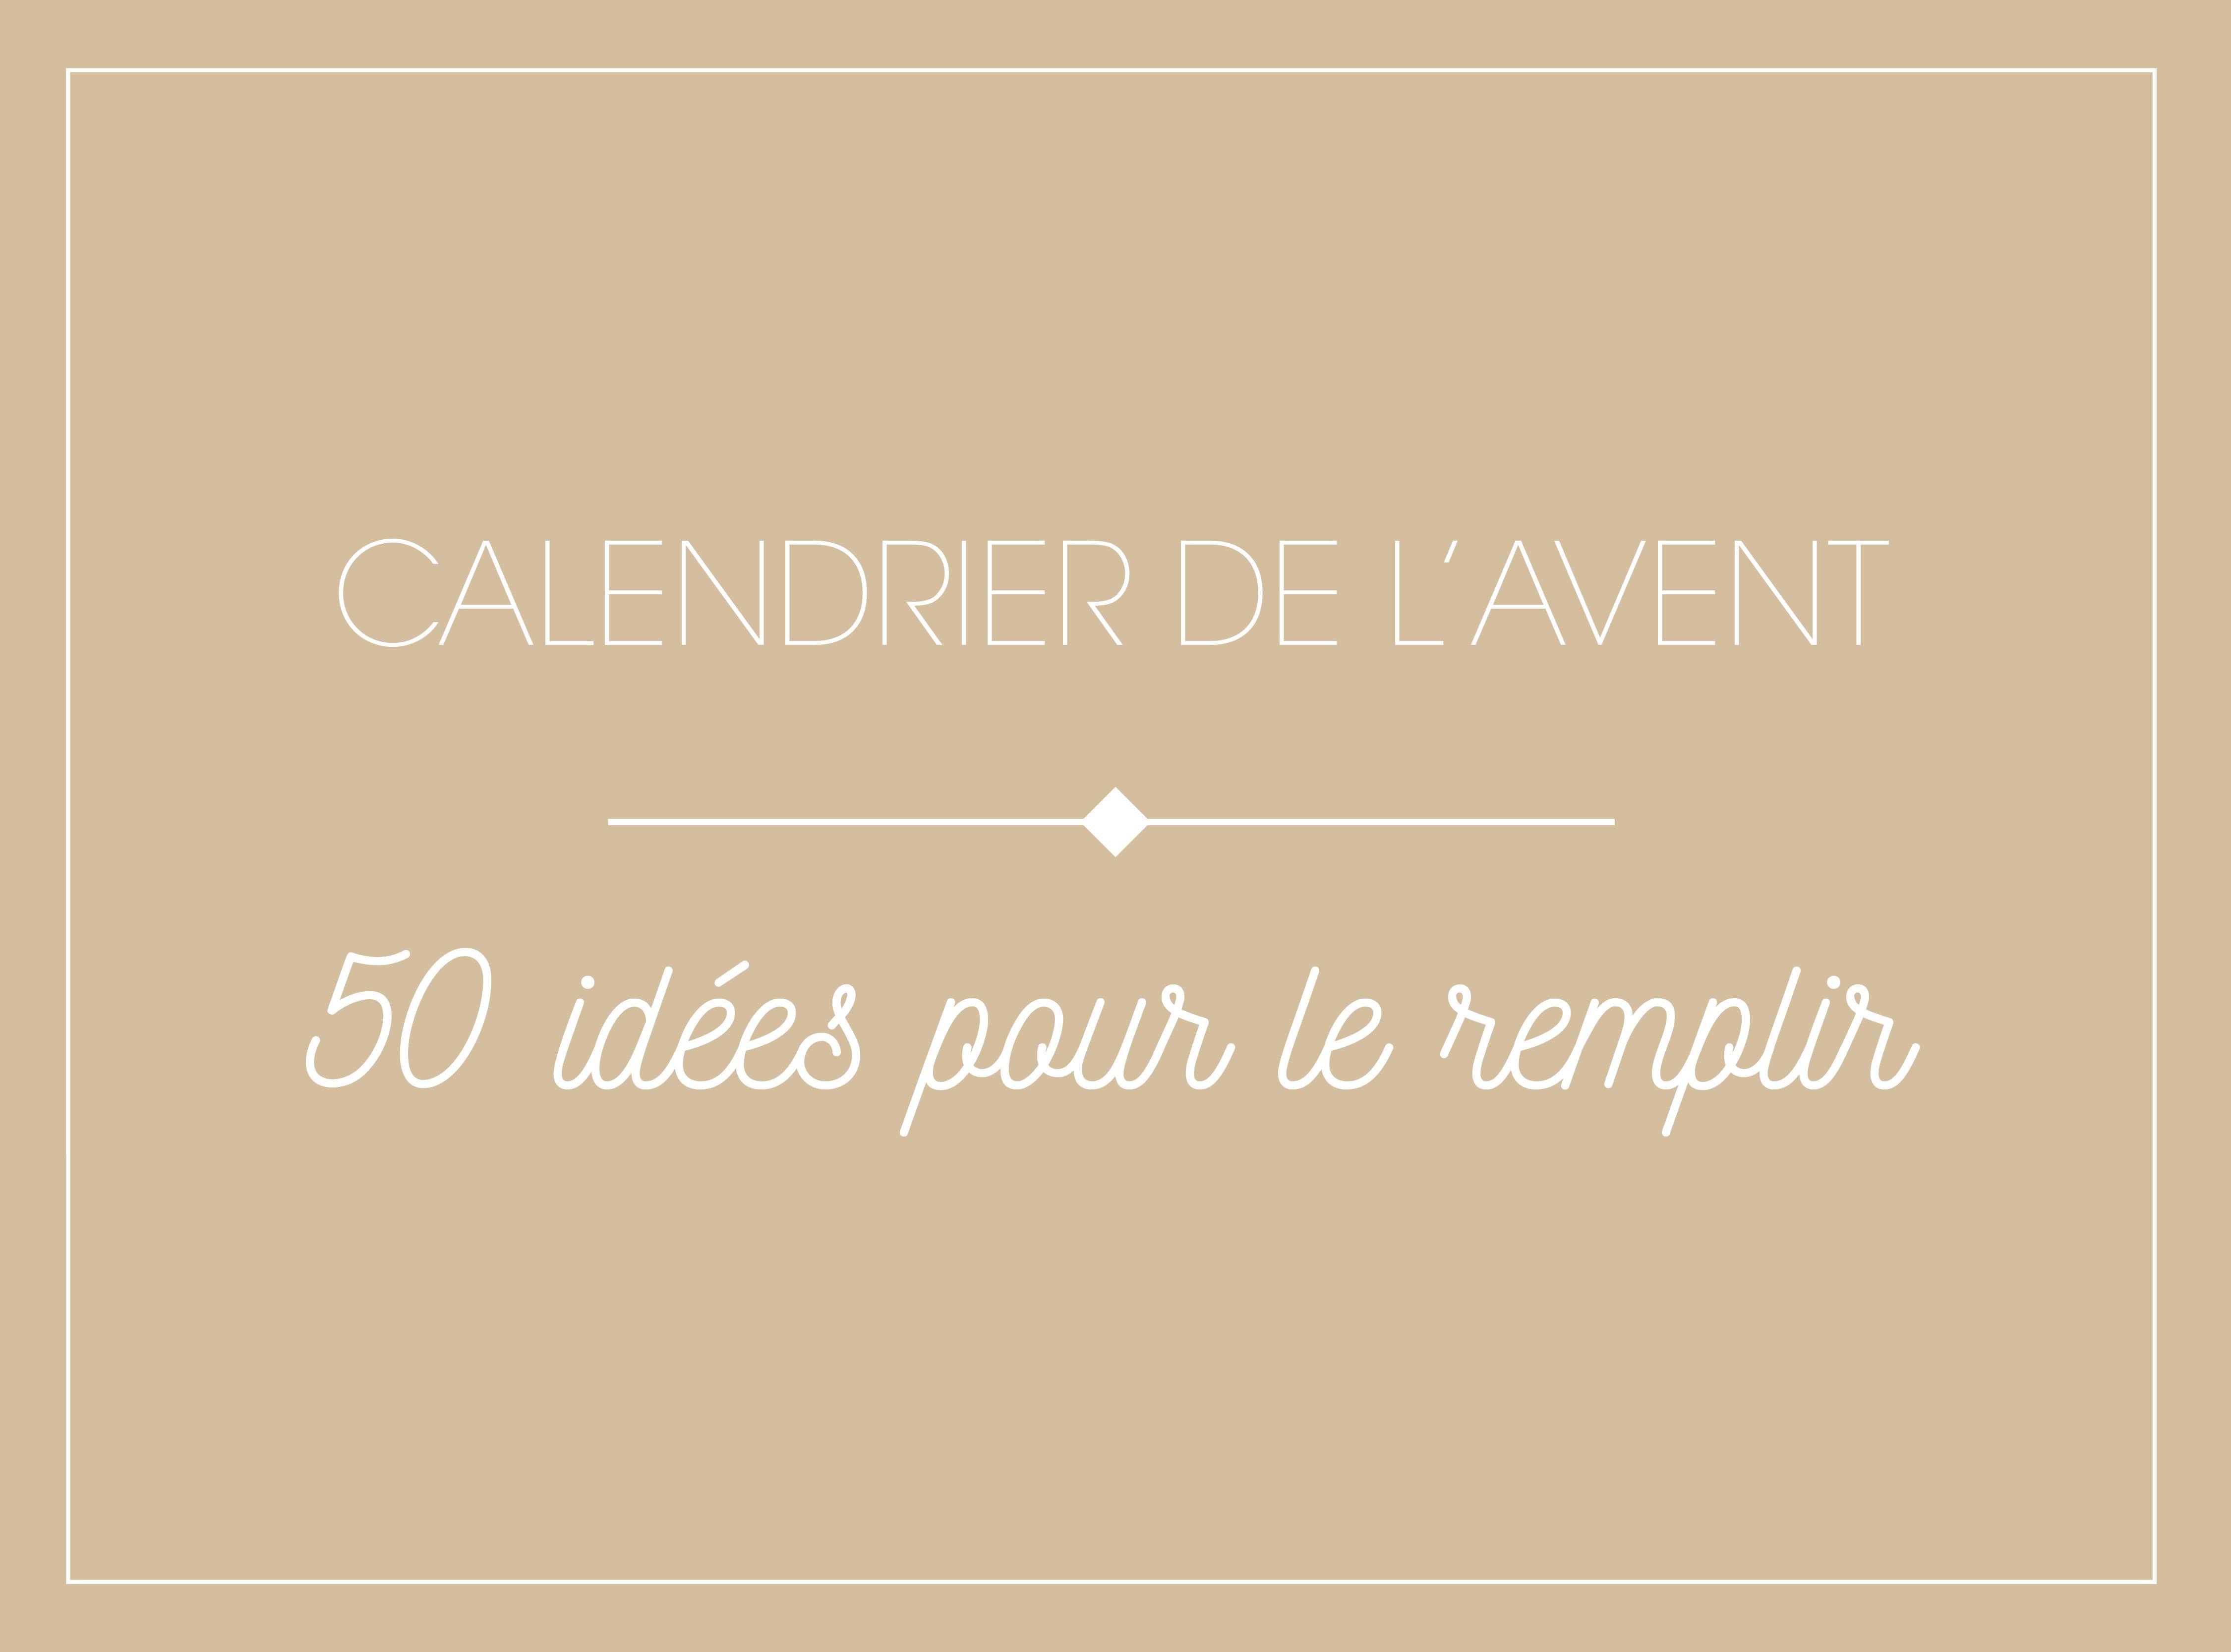 Calendrier de l 39 avent 50 idees 01 madame b - Quoi mettre dans calendrier de l avent ...